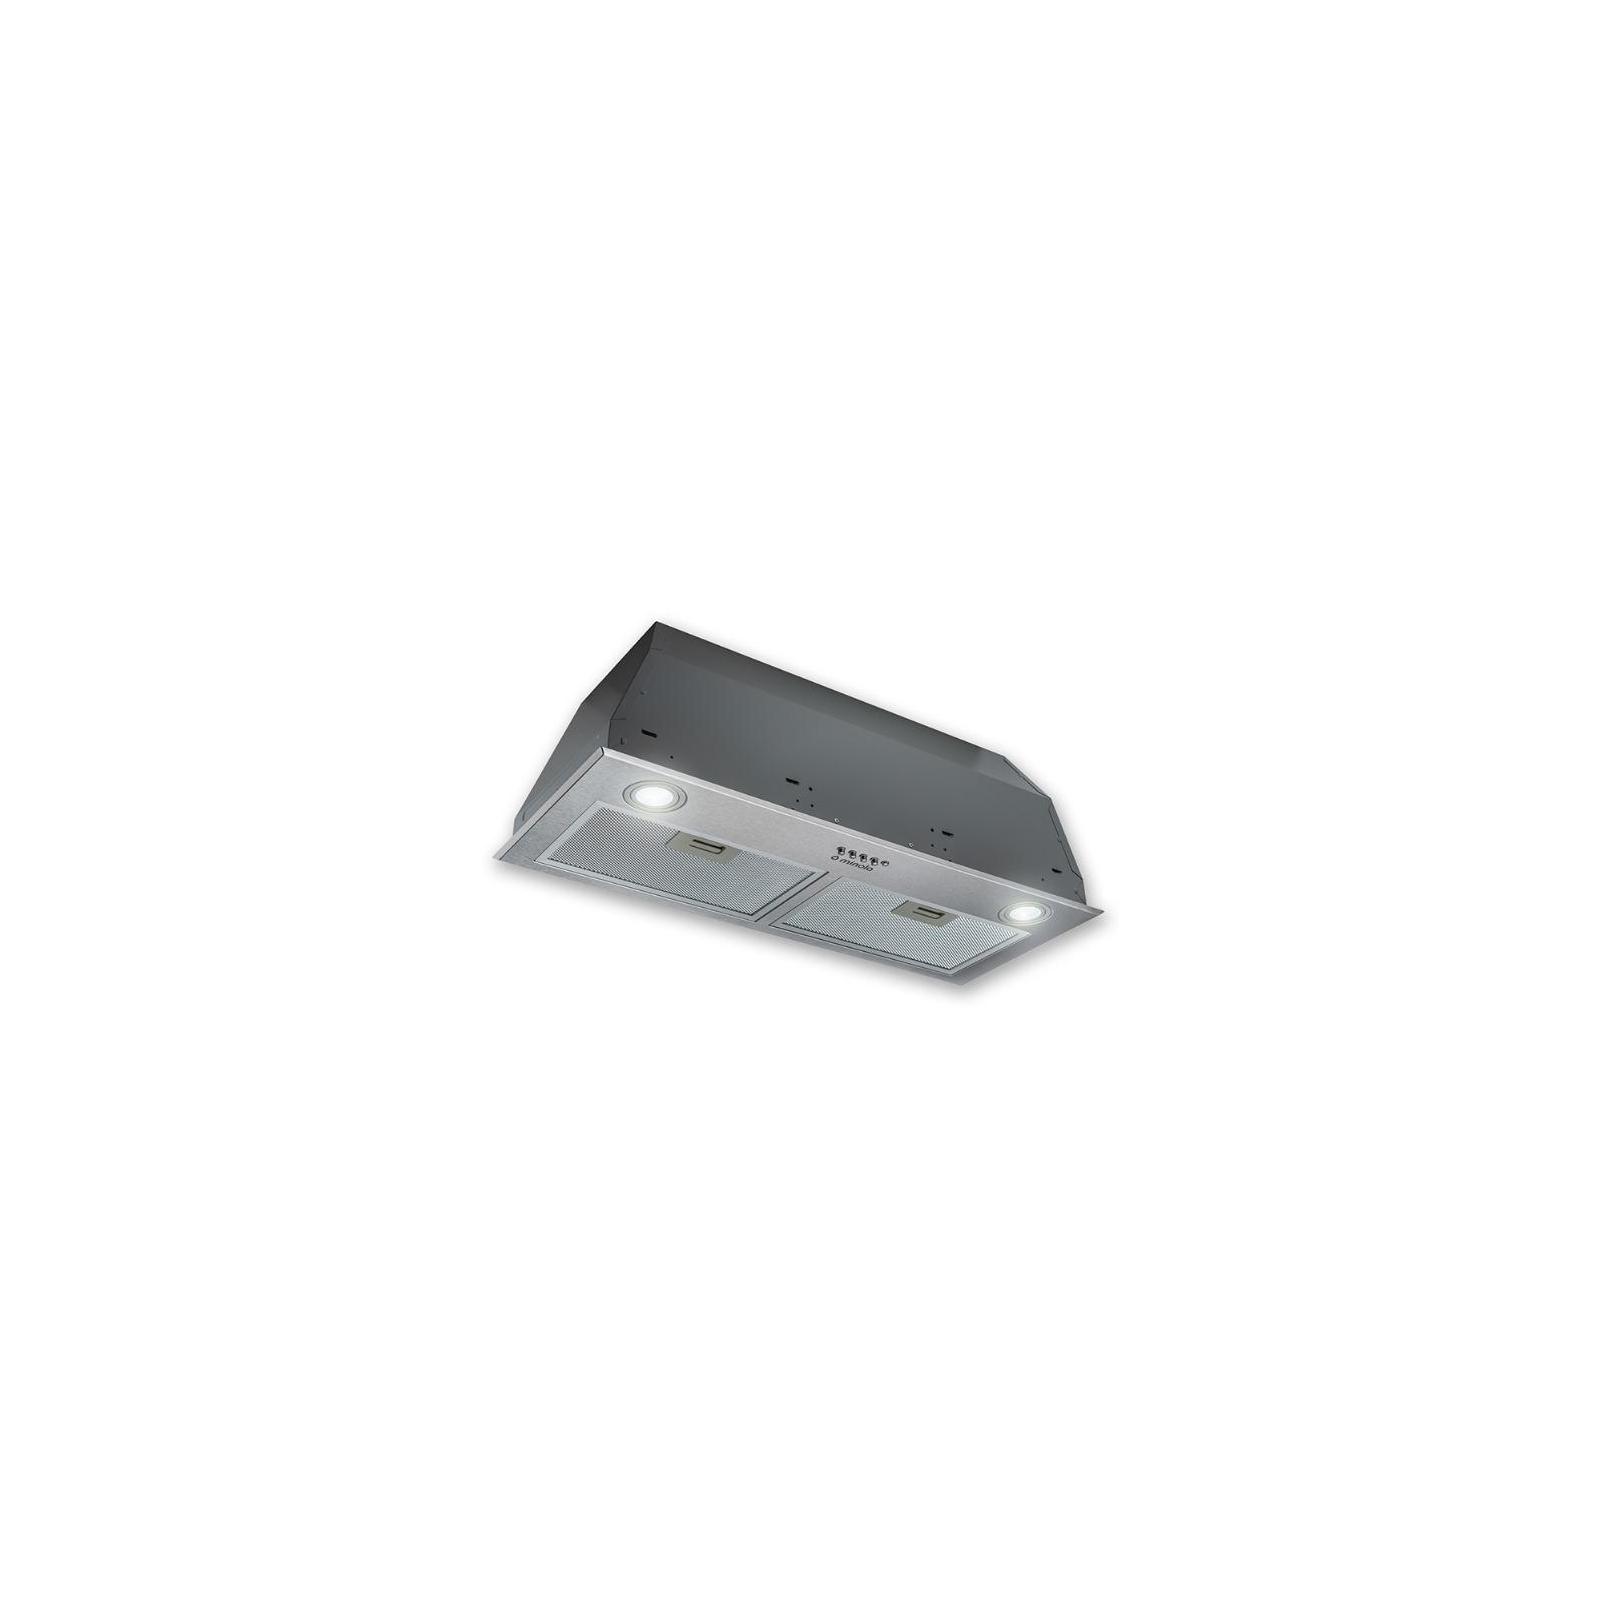 Вытяжка кухонная MINOLA HBI 7812 I 1200 LED изображение 4